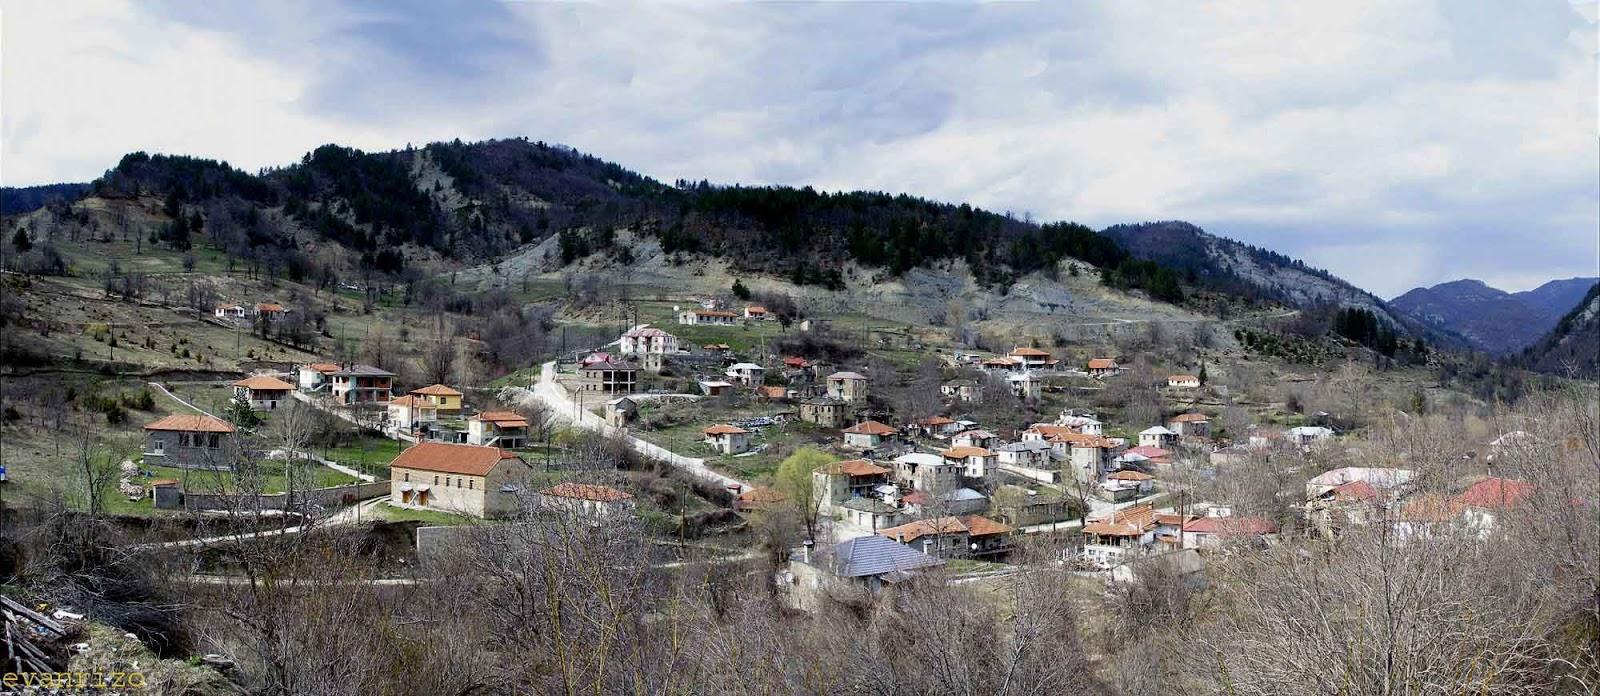 Κάποια λίγα ιστορικά στοιχεία για την ιστορία του Πεύκου και της ευρύτερης περιοχής.